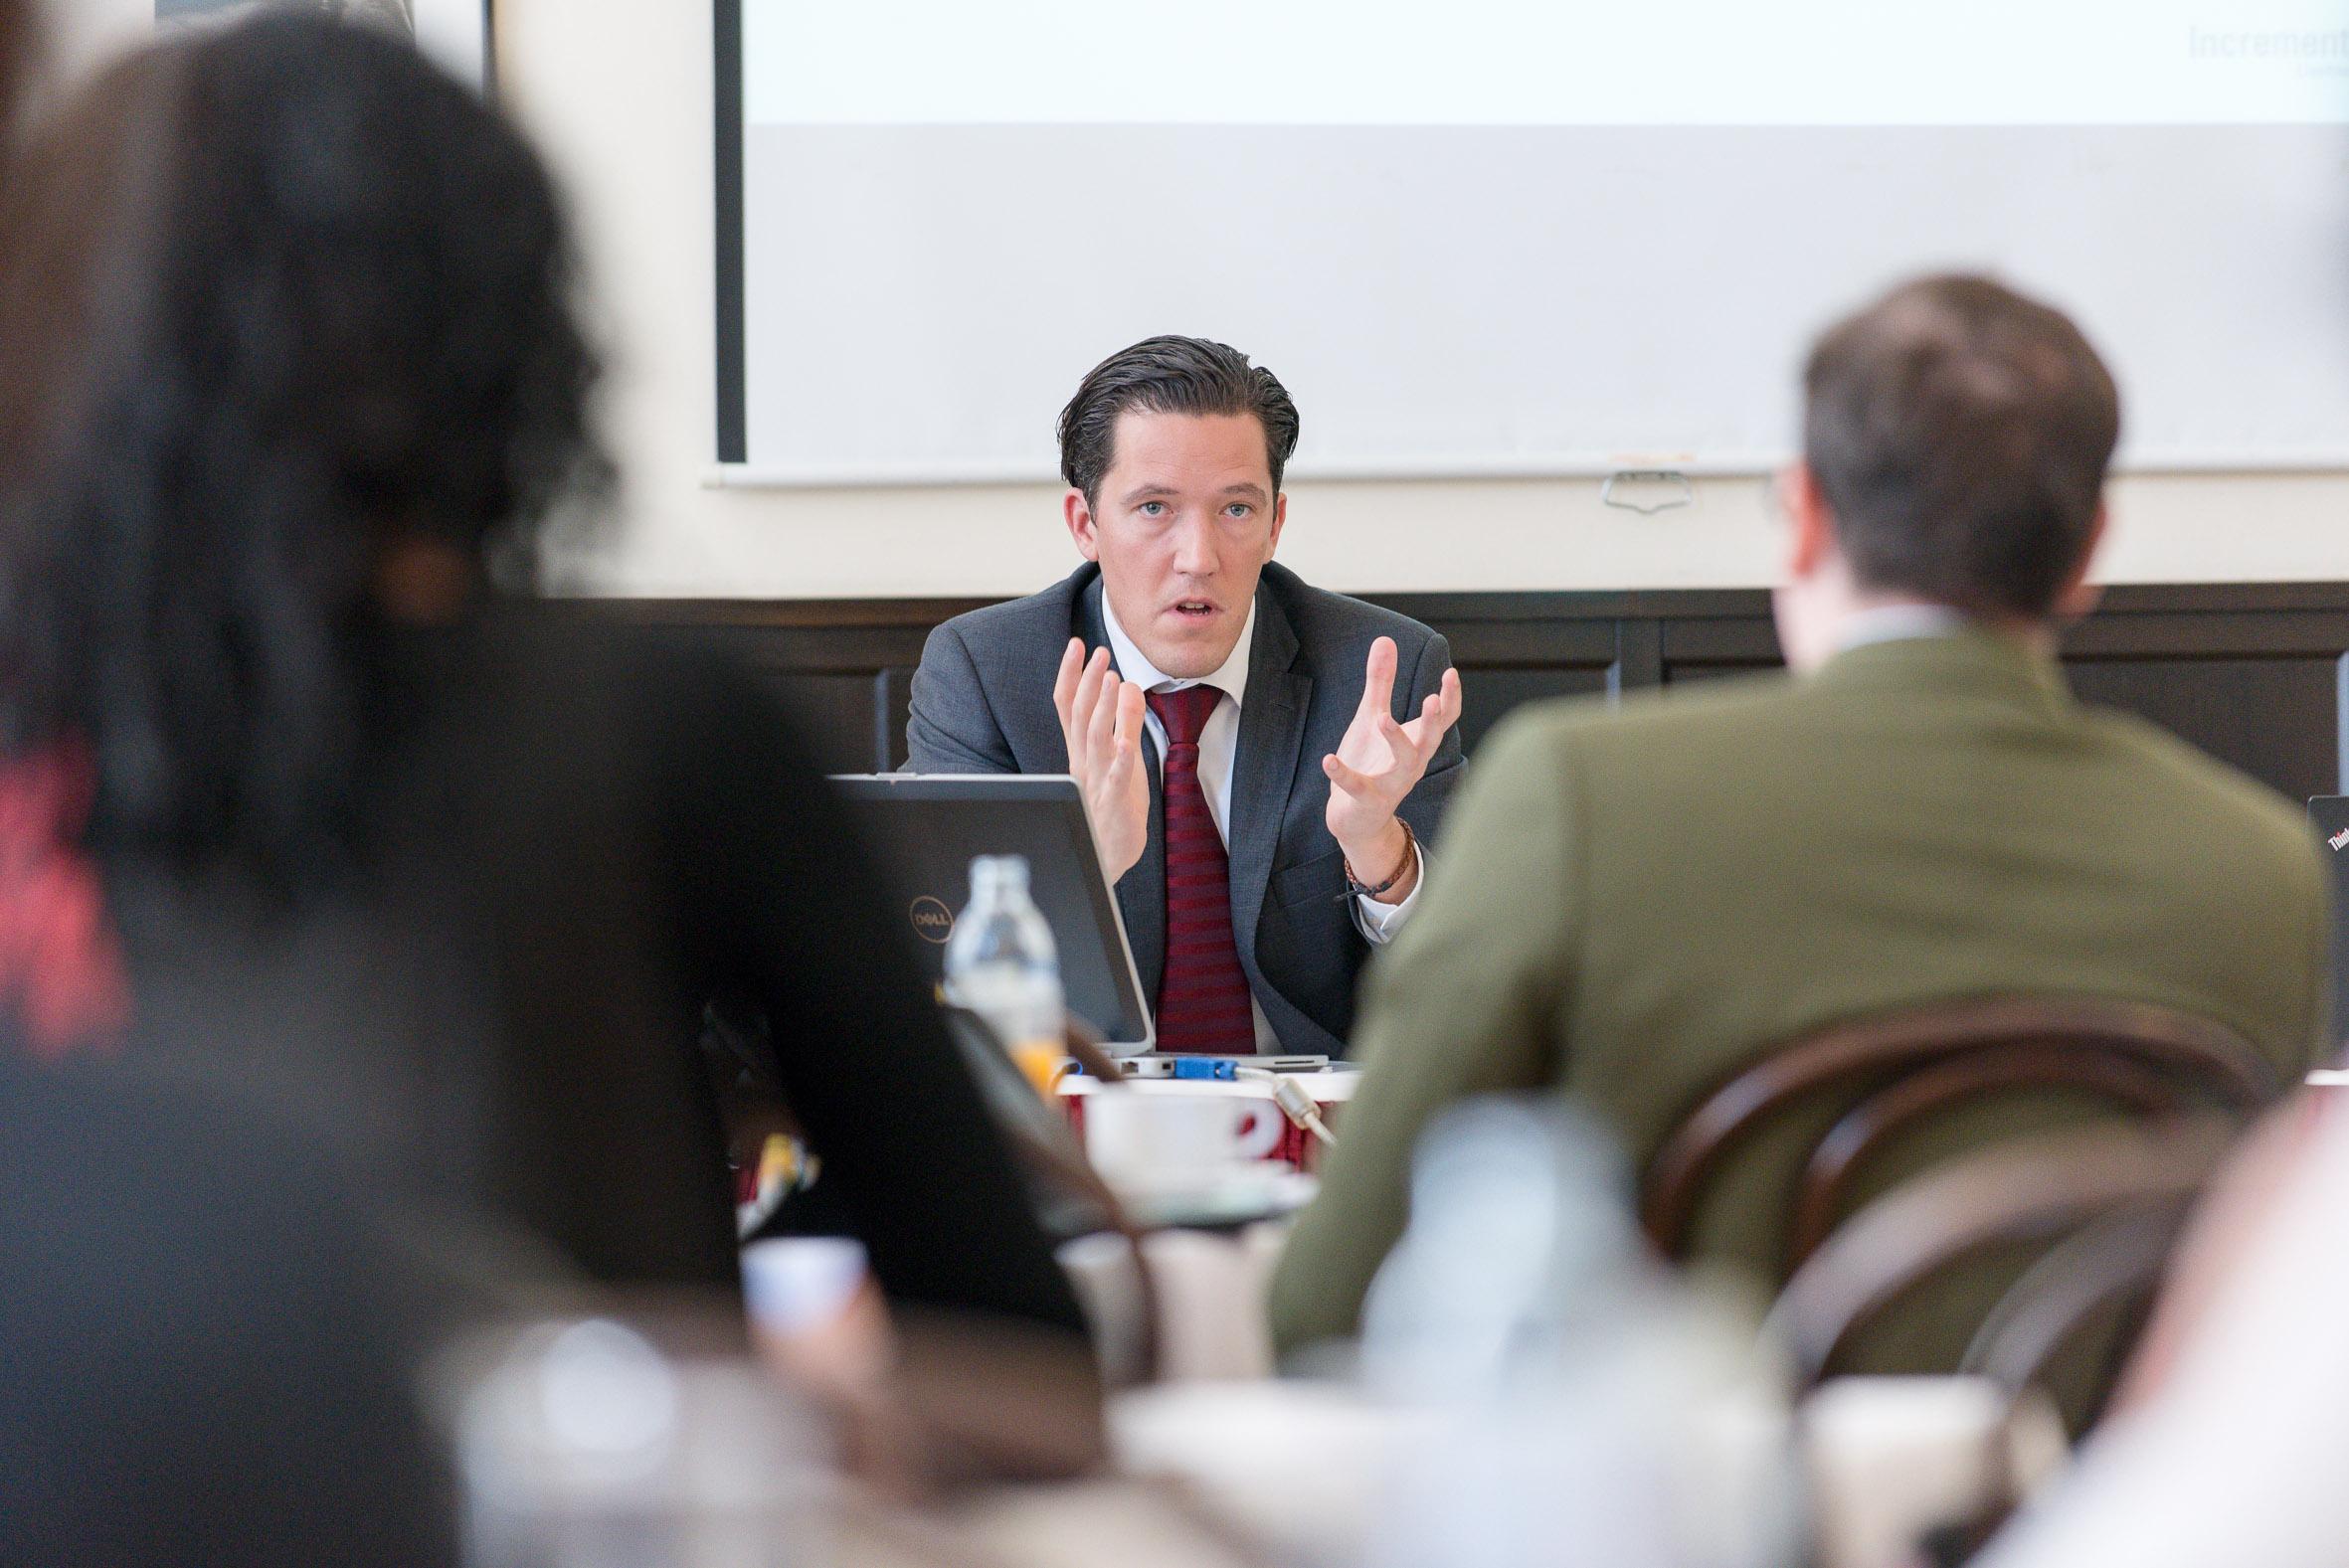 M. Valek während seines Vortrags